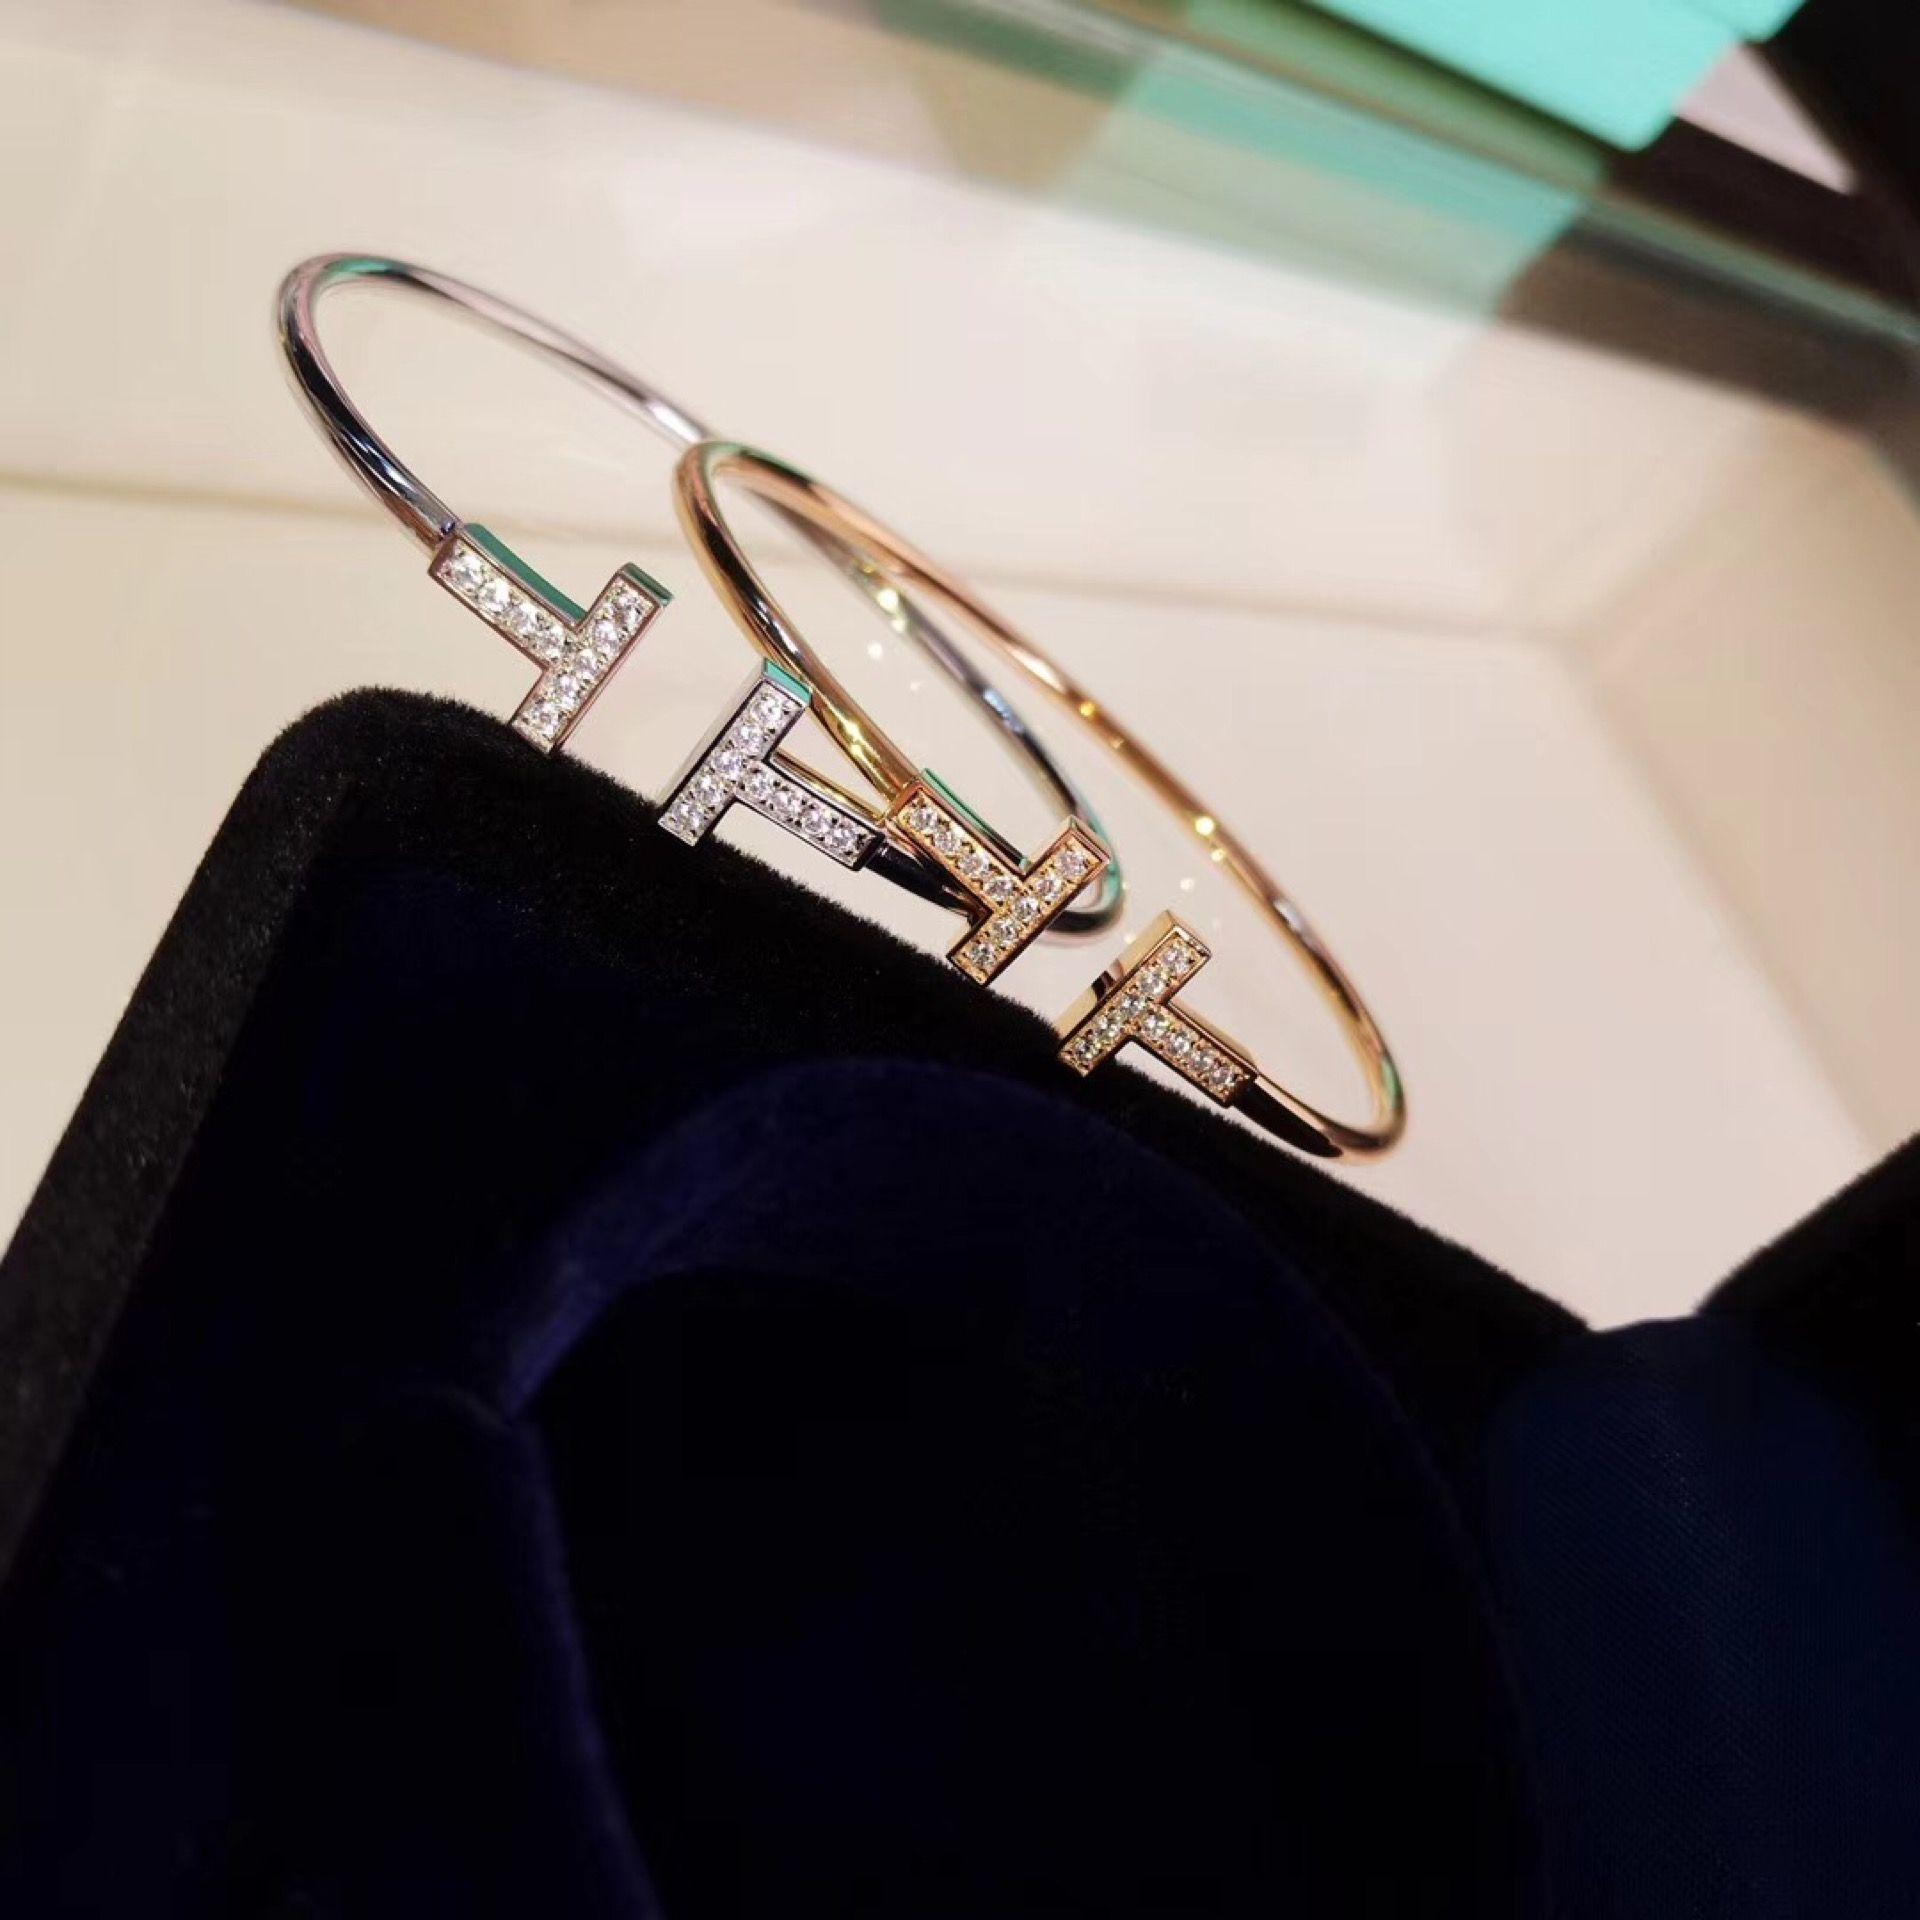 ربيع / صيف 2019 مطلية بالذهب الجديد مرونة T T مزدوجة سوار S925 الفضة الاسترليني مع الماس T مع الماس